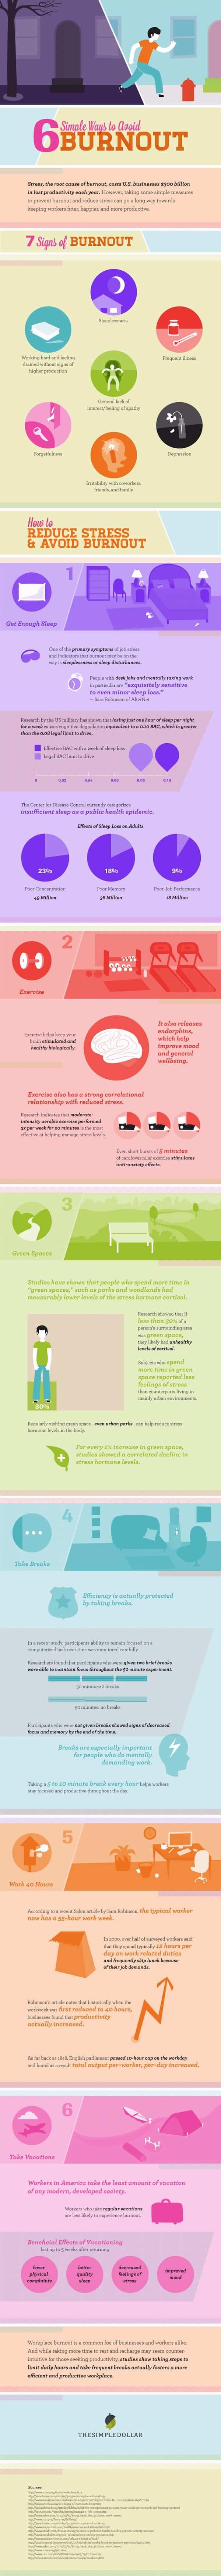 6 formas de evitar el agotamiento